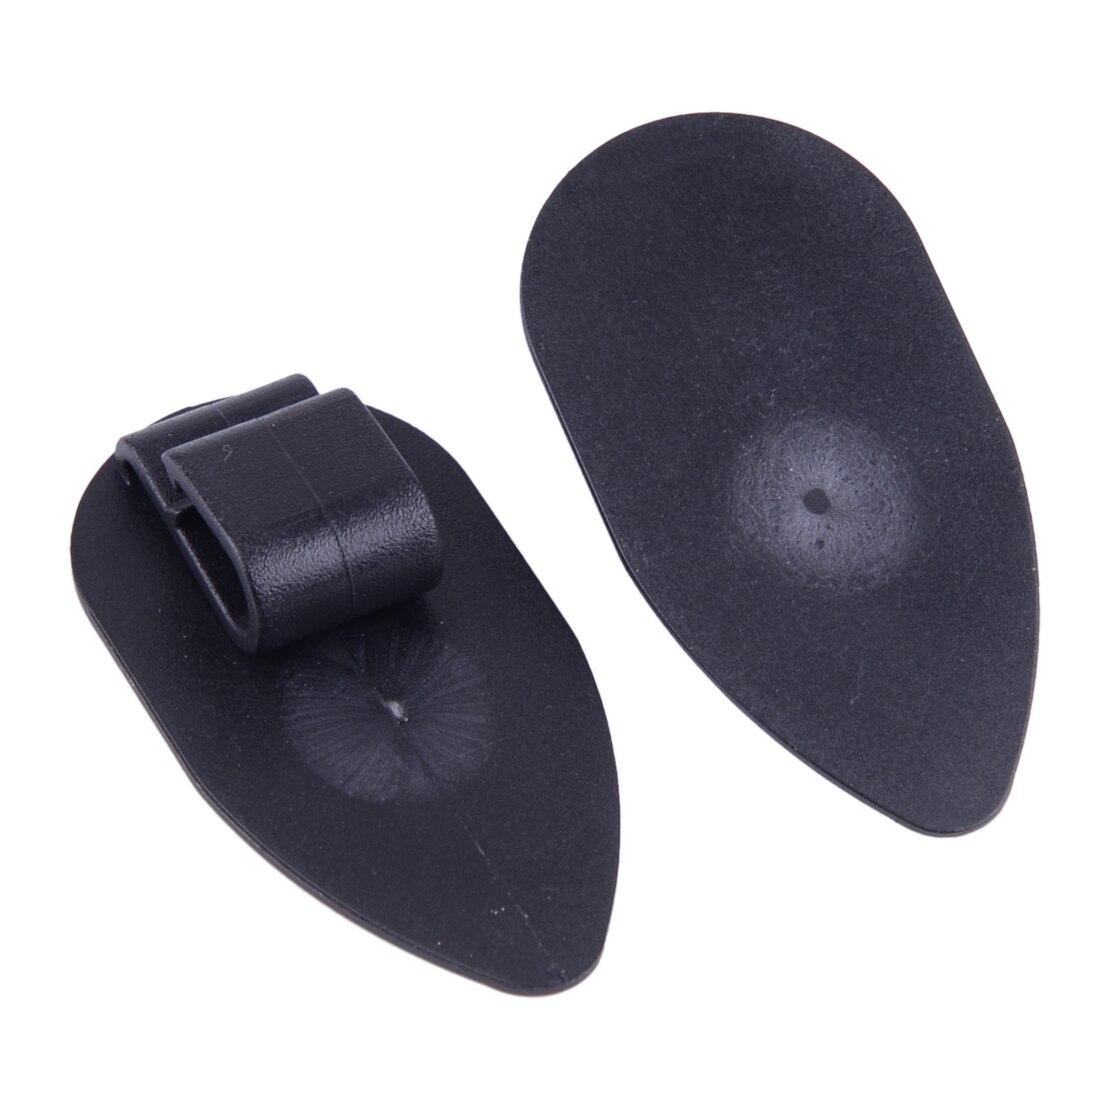 Высокое качество Универсальный 20шт черный коврик для багажника коврик Фиксатор Зажим скользящее крепление пластиковые аксессуары для салона автомобиля